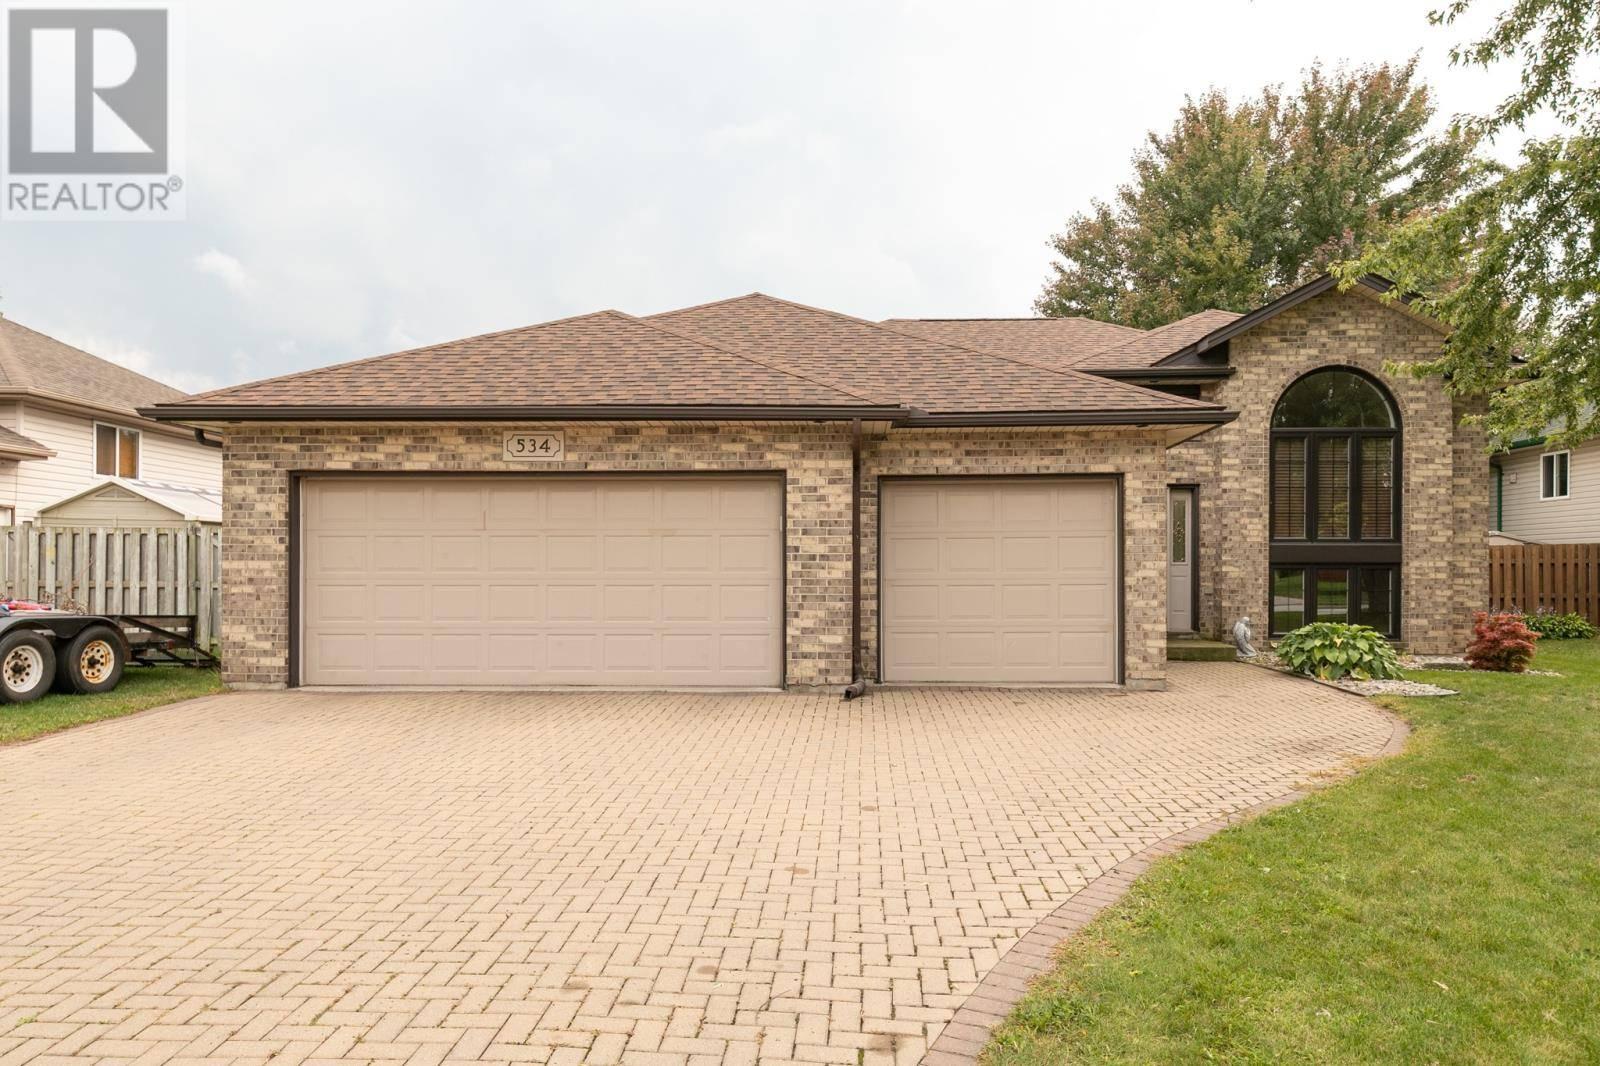 House for sale at 534 Vandernoot Ave Lasalle Ontario - MLS: 19025197